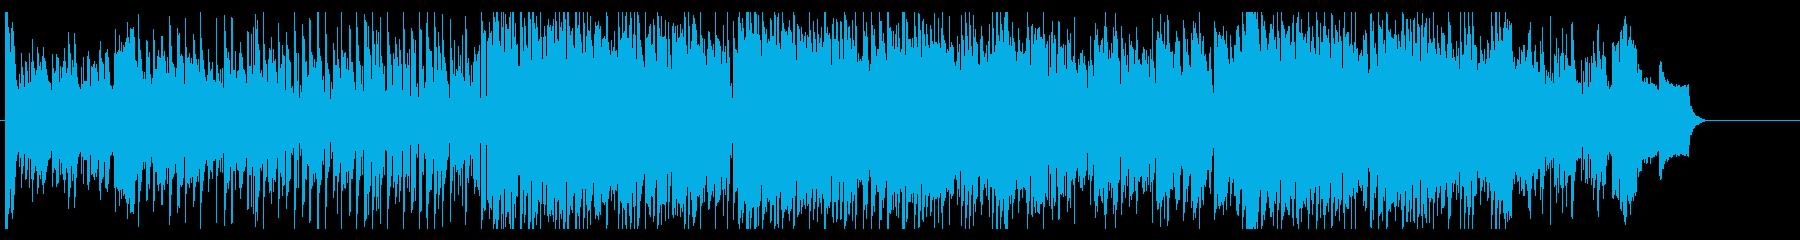 都会的でおしゃれなディスコ風テクノの再生済みの波形